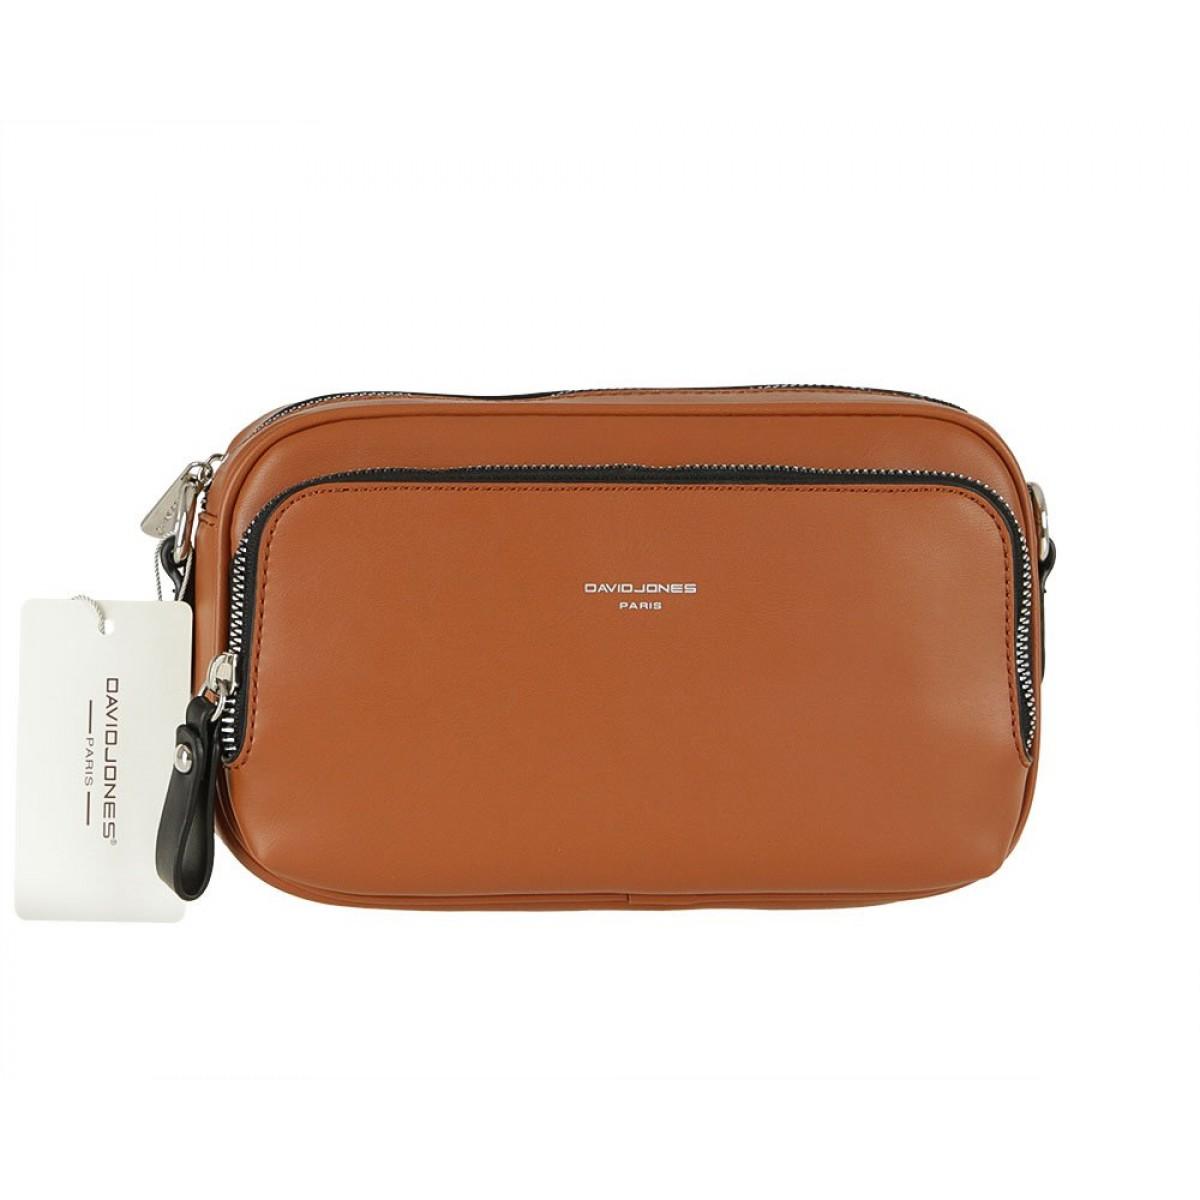 Жіноча сумка David Jones CM5849 COGNAC